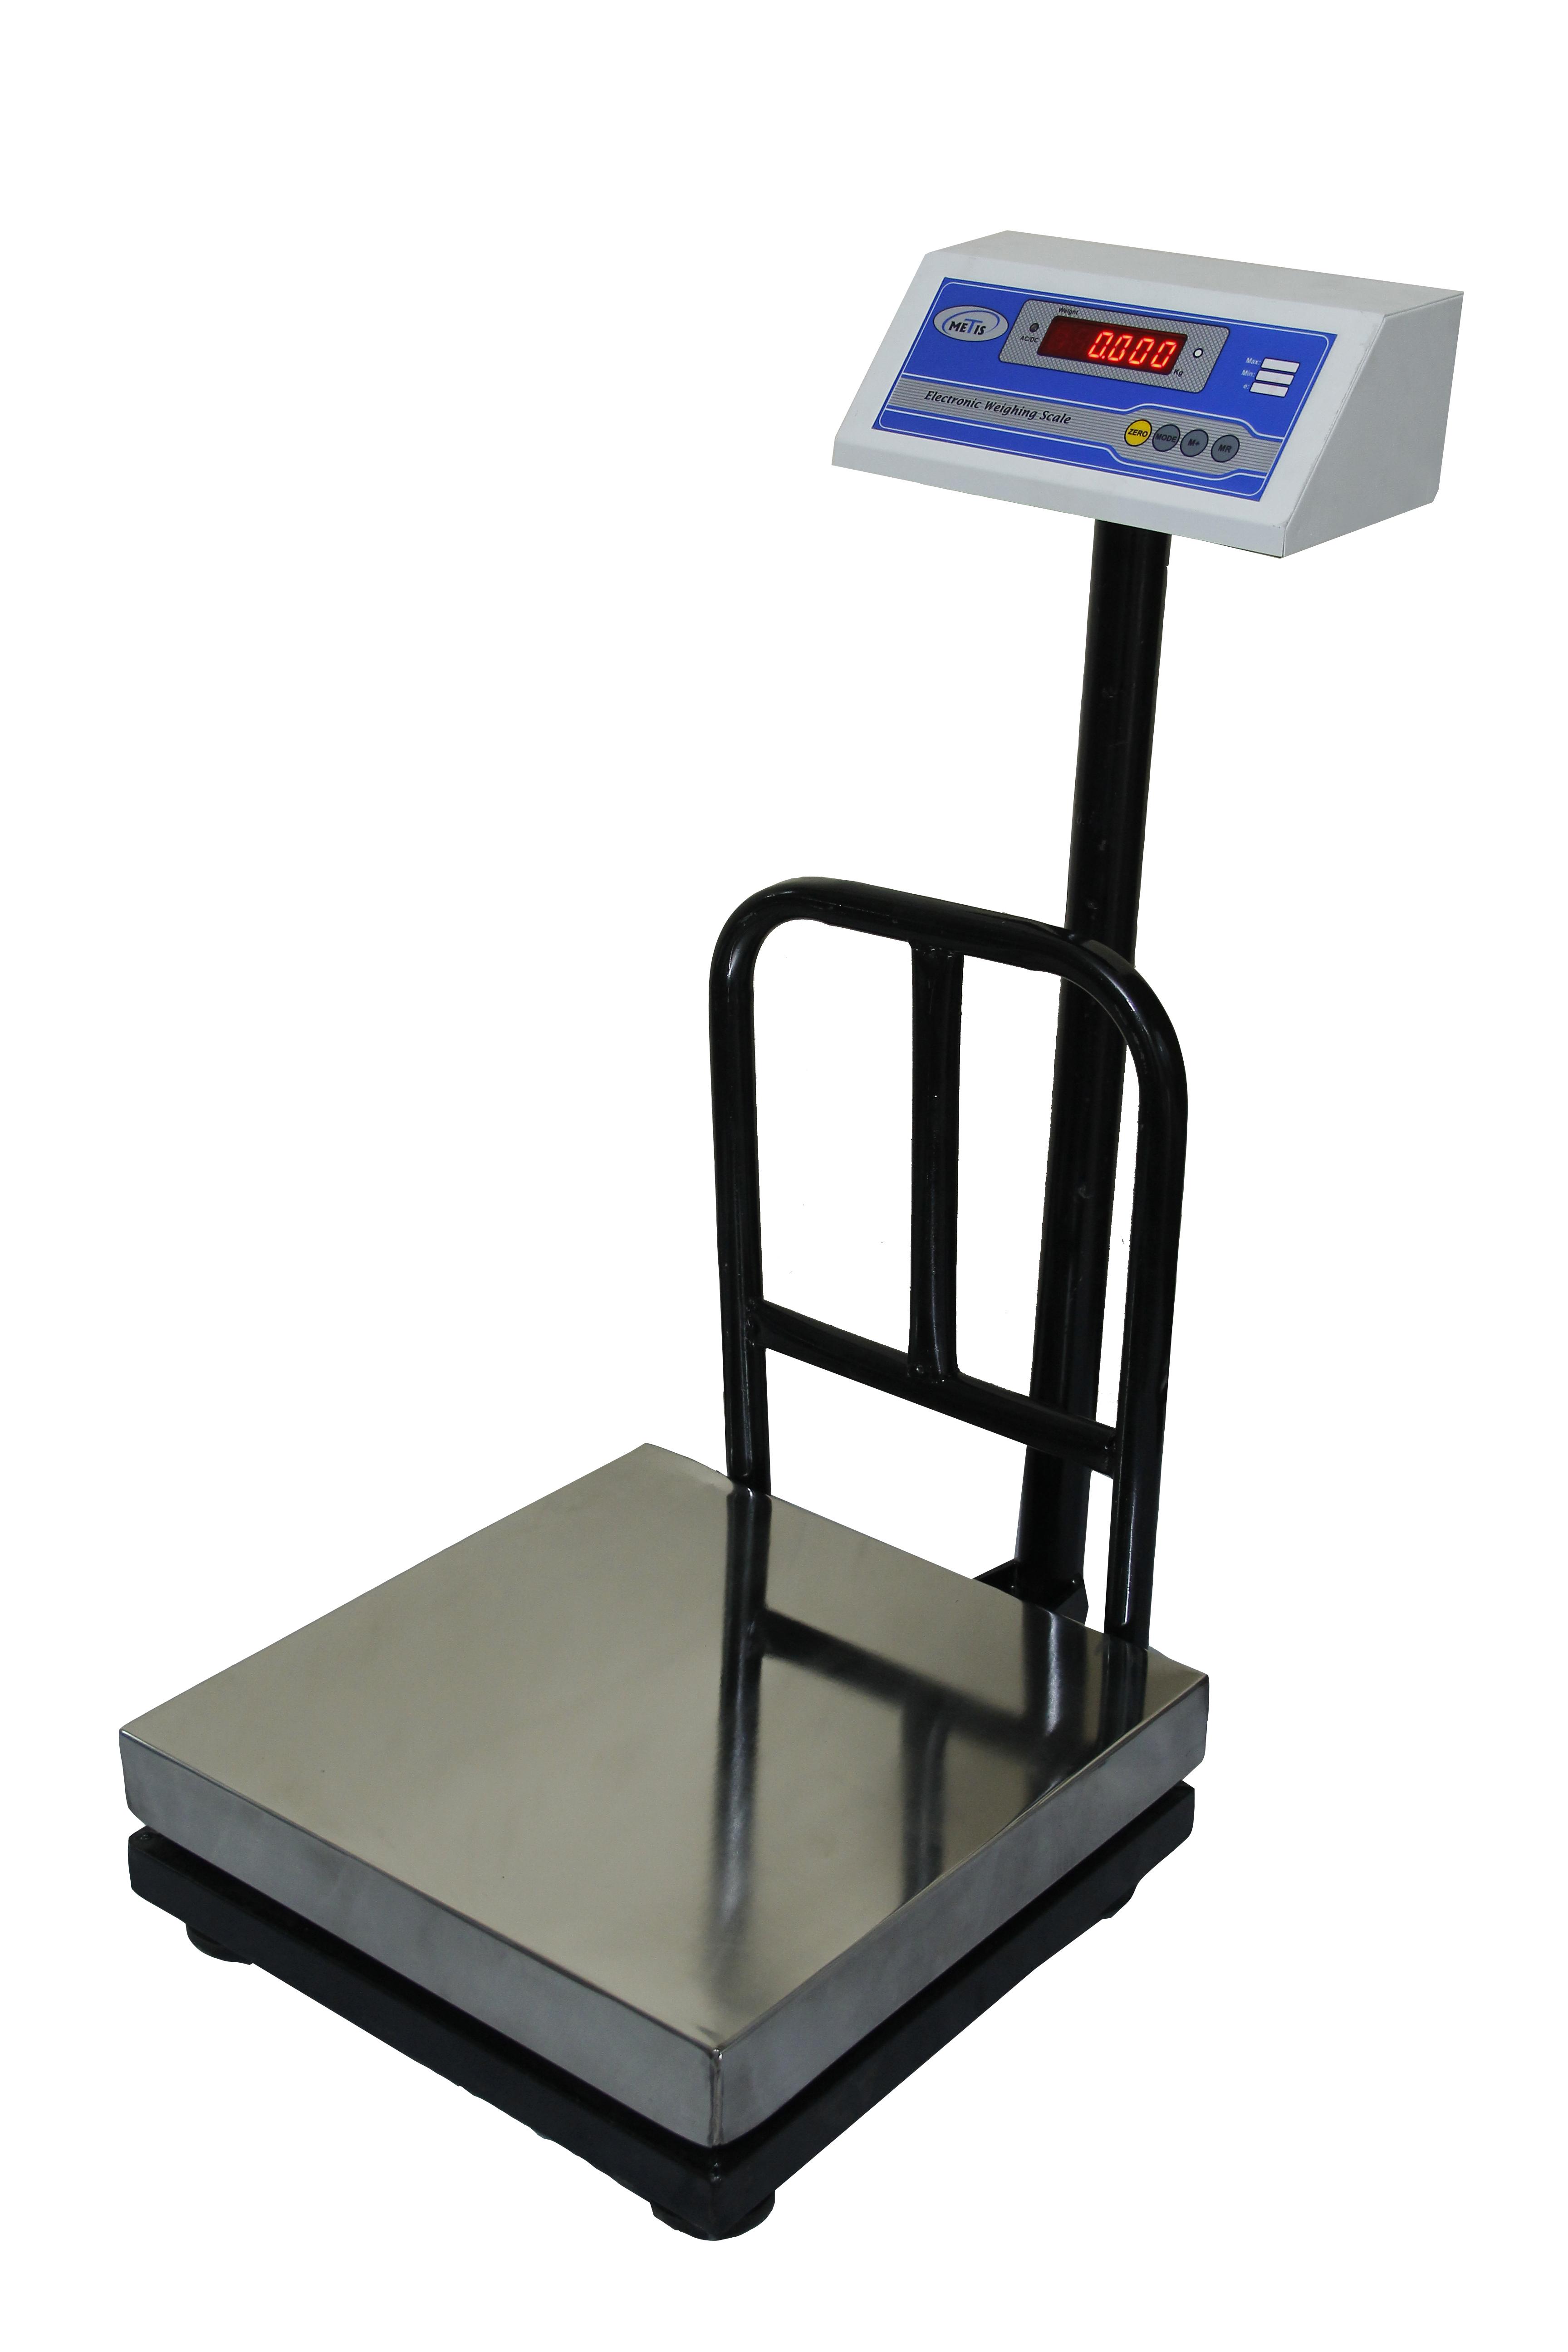 100 kg platform scales